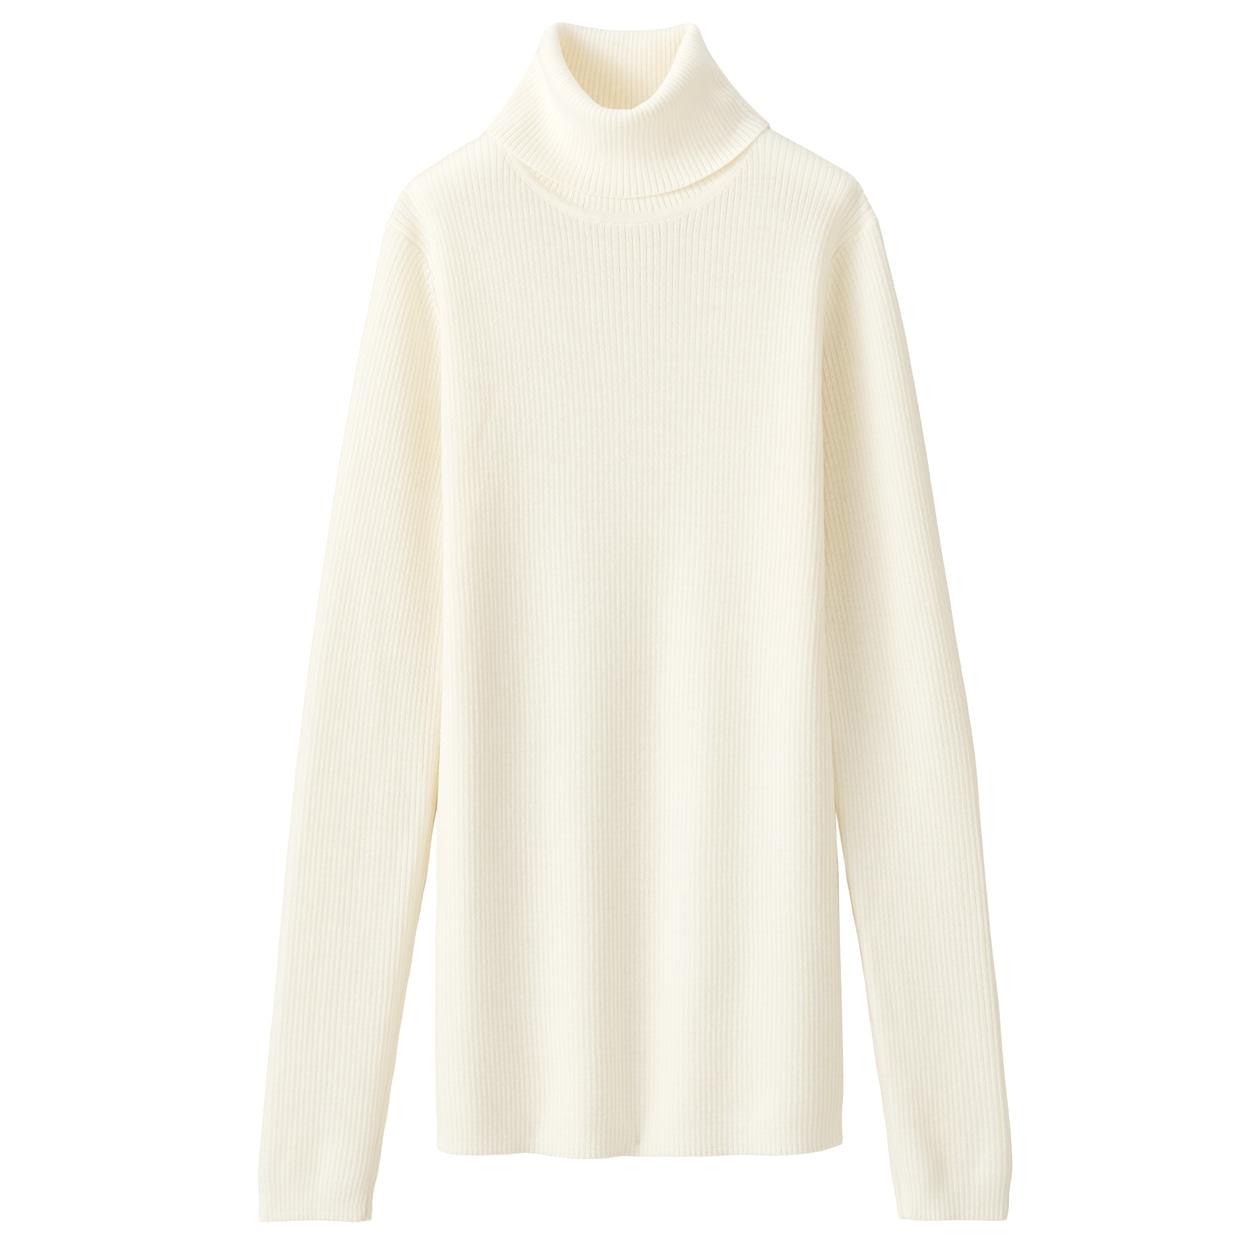 無印良品 首のチクチクをおさえた・洗えるタートルネックセーター